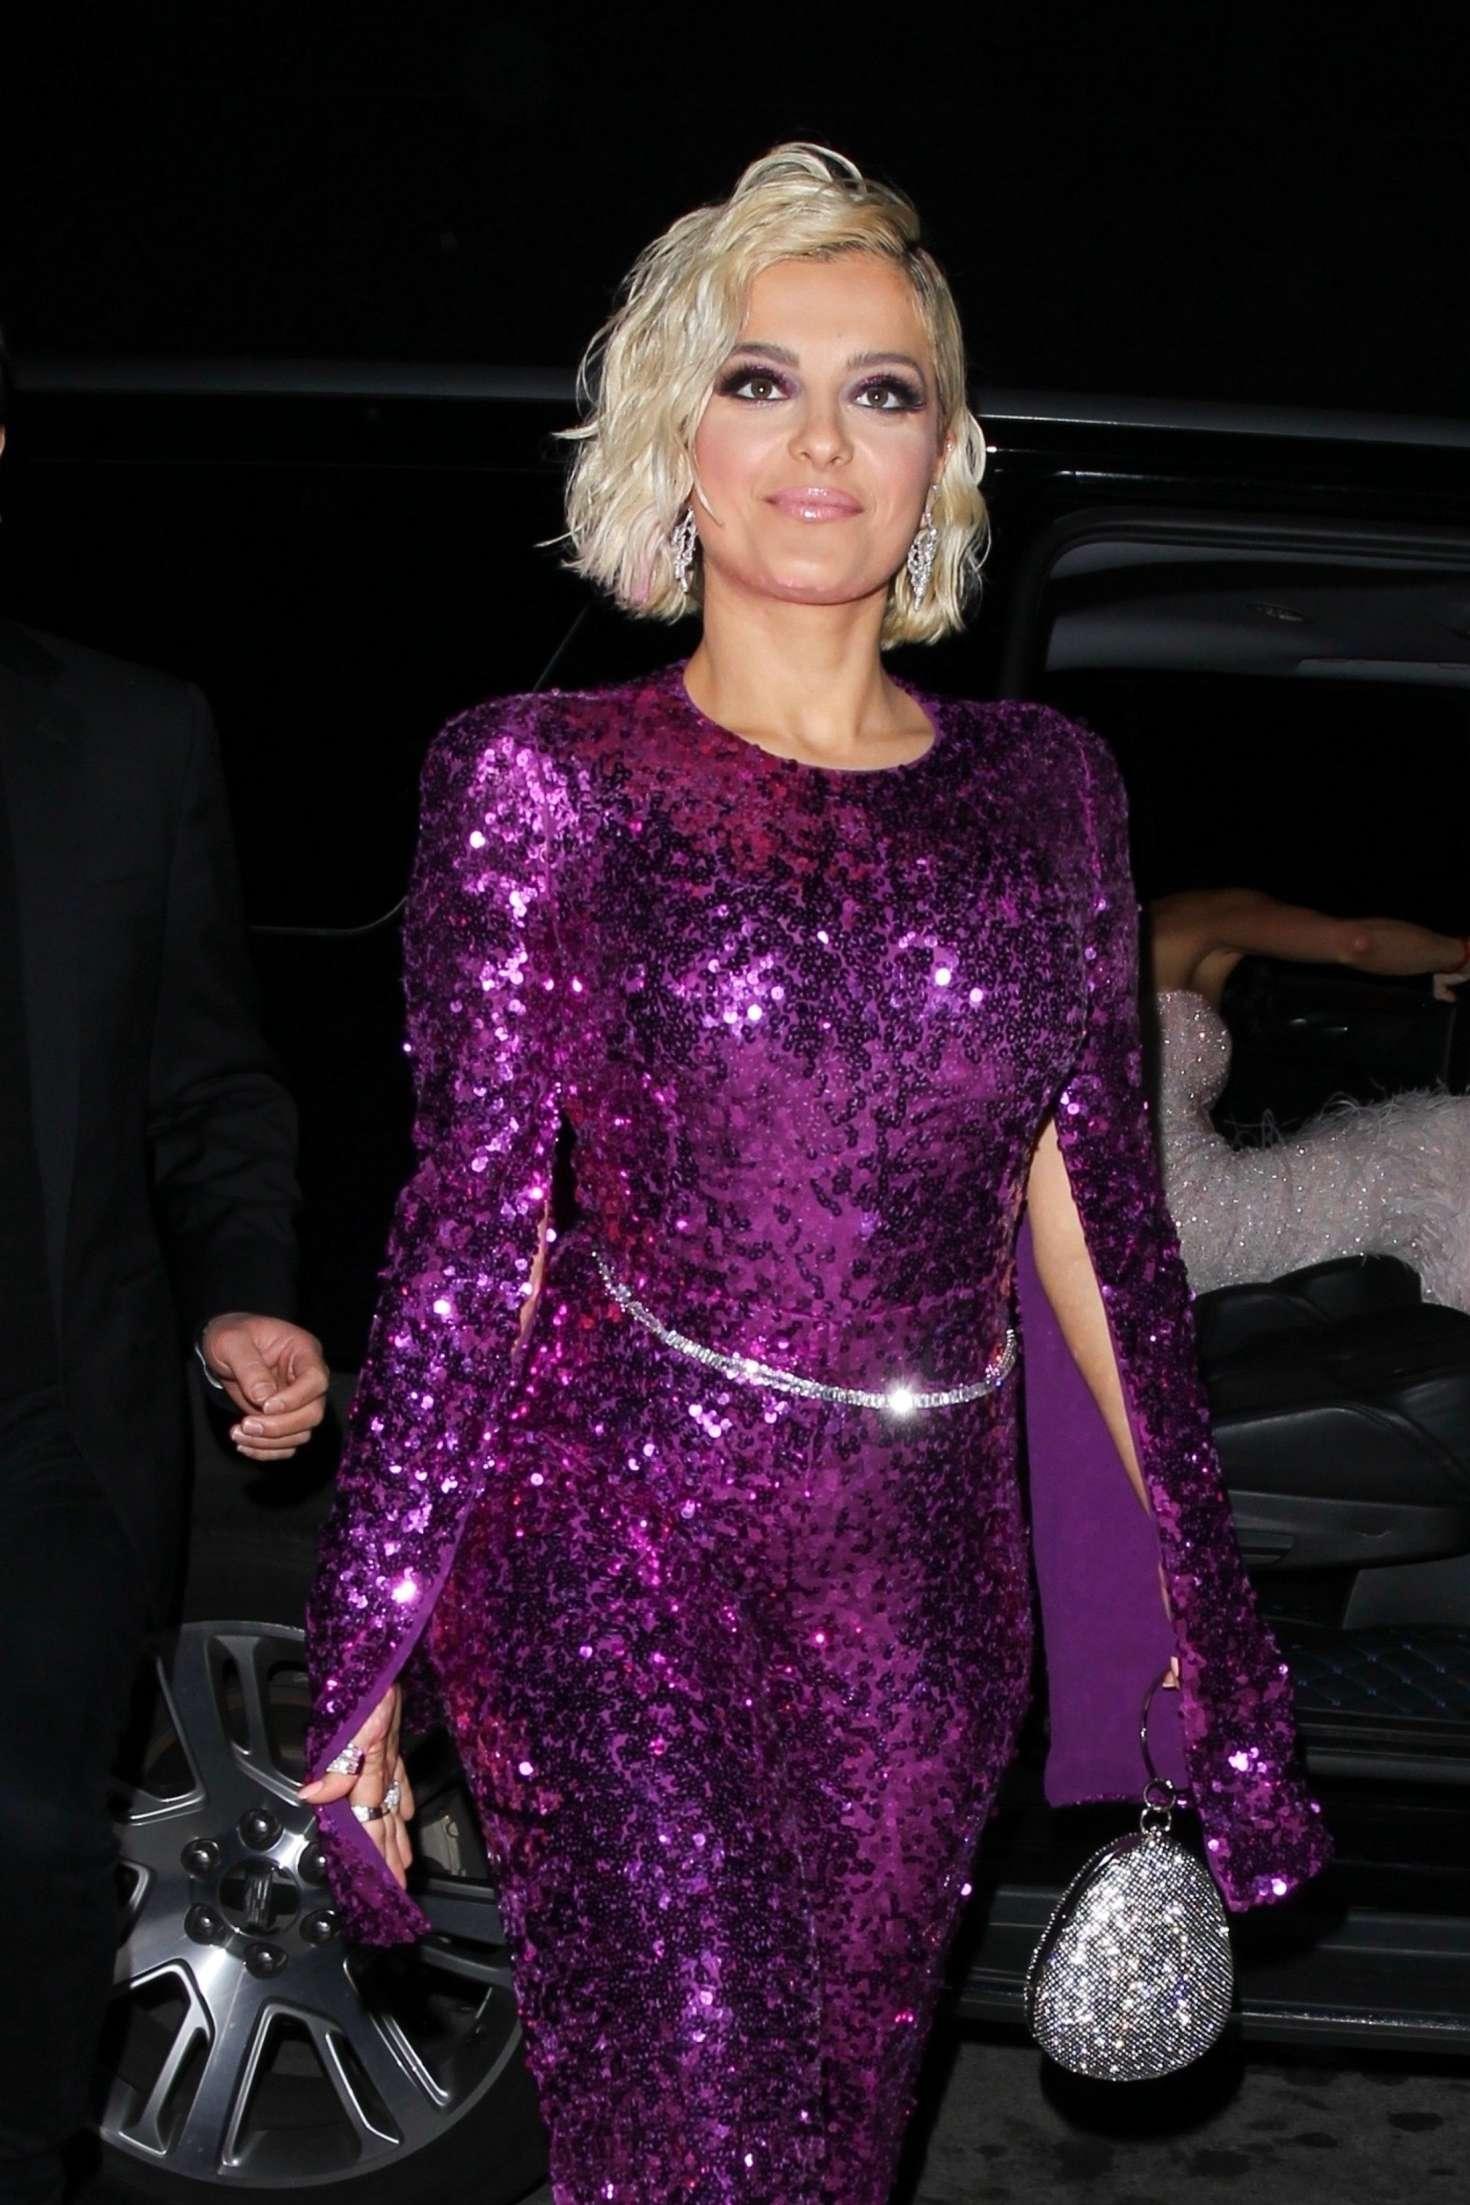 Bebe Rexha 2019 : Bebe Rexha at Diana Ross 75th Birthday Bash -07